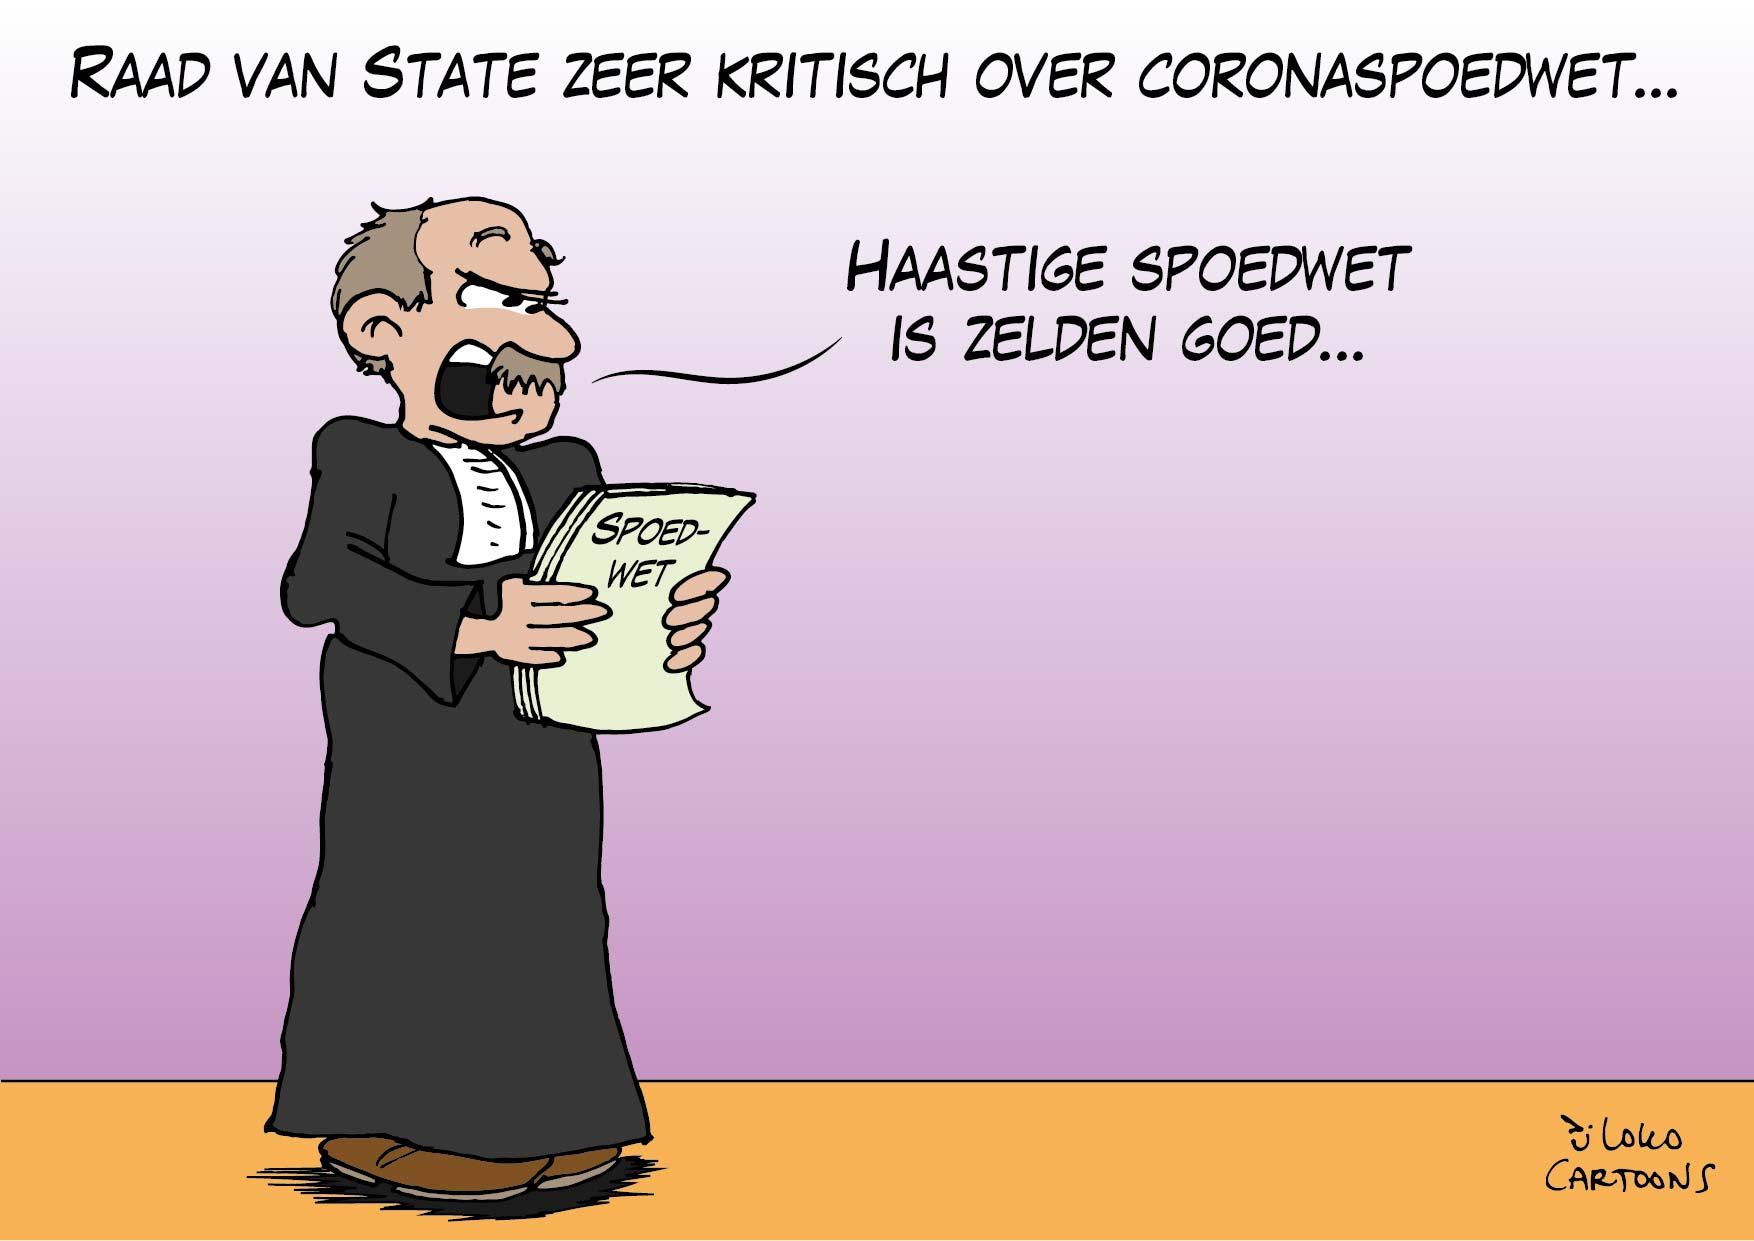 Raad van State zeer krtitisch over coronaspoedwet…